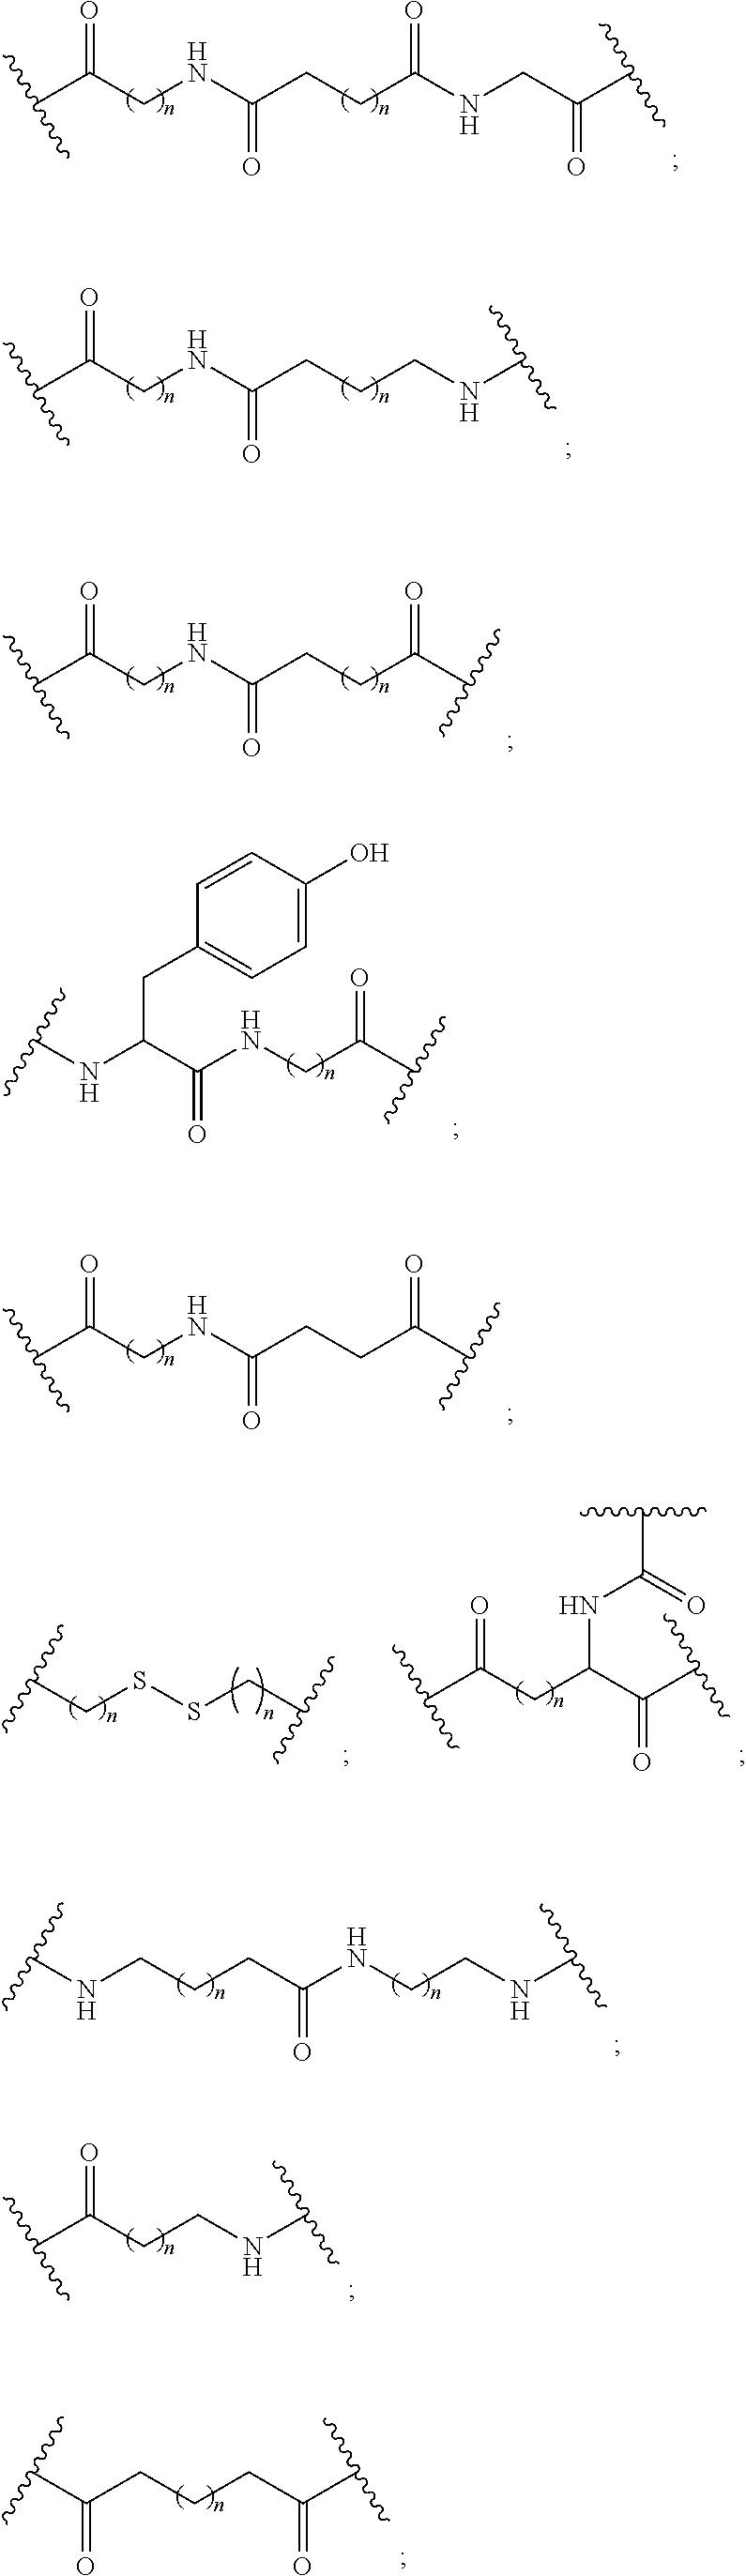 Figure US09932581-20180403-C00143